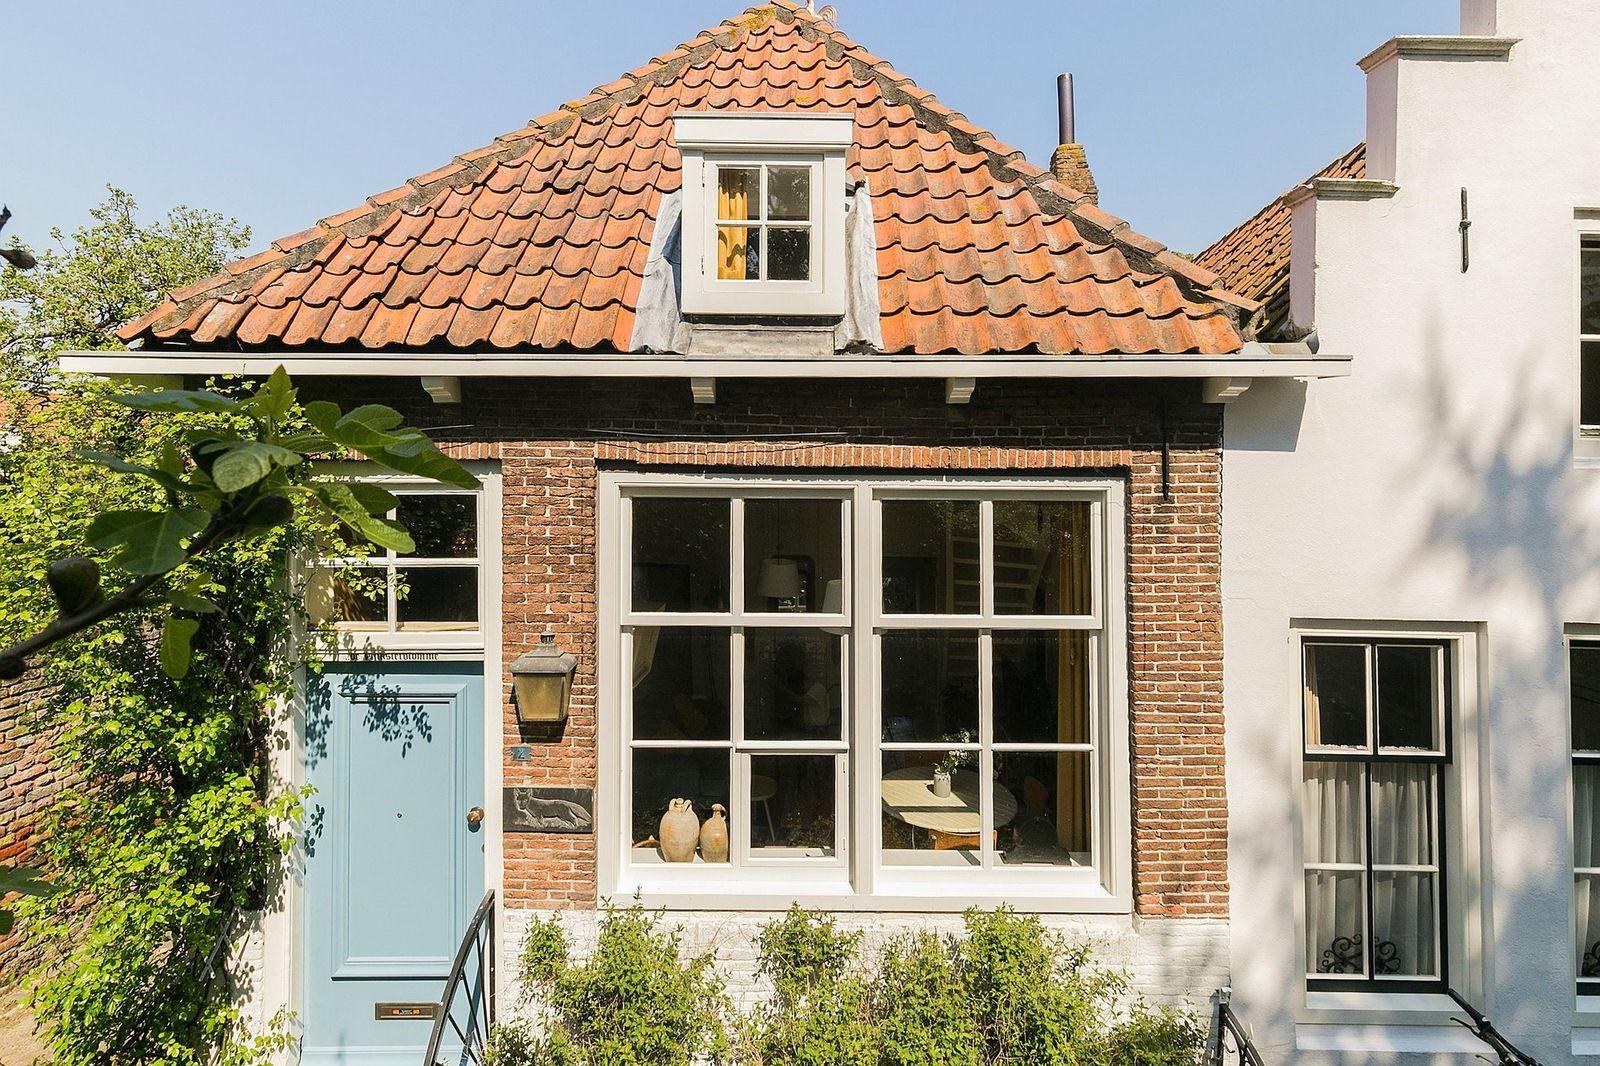 Kraanstraat 2, Veere